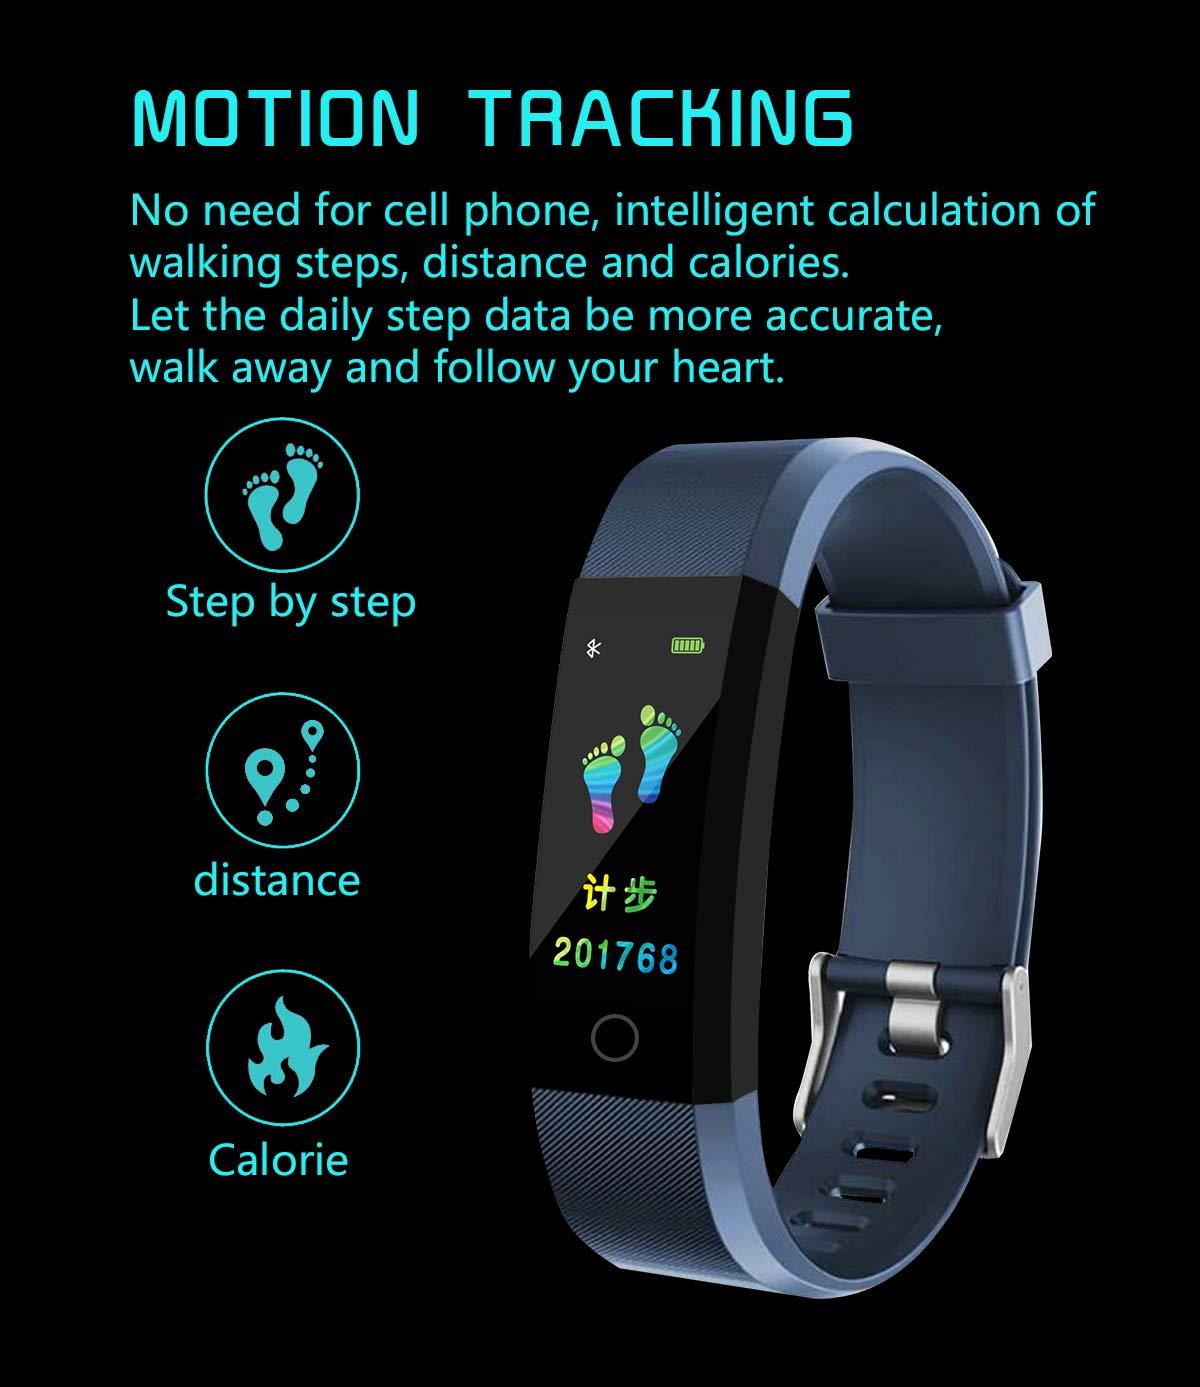 MENGZHEN 1 UNID ID115 Plus Monitor de Actividad del Ritmo cardíaco Pantalla táctil Usable Podómetro Bluetooth Pulsera Inteligente con Monitor de sueño 2